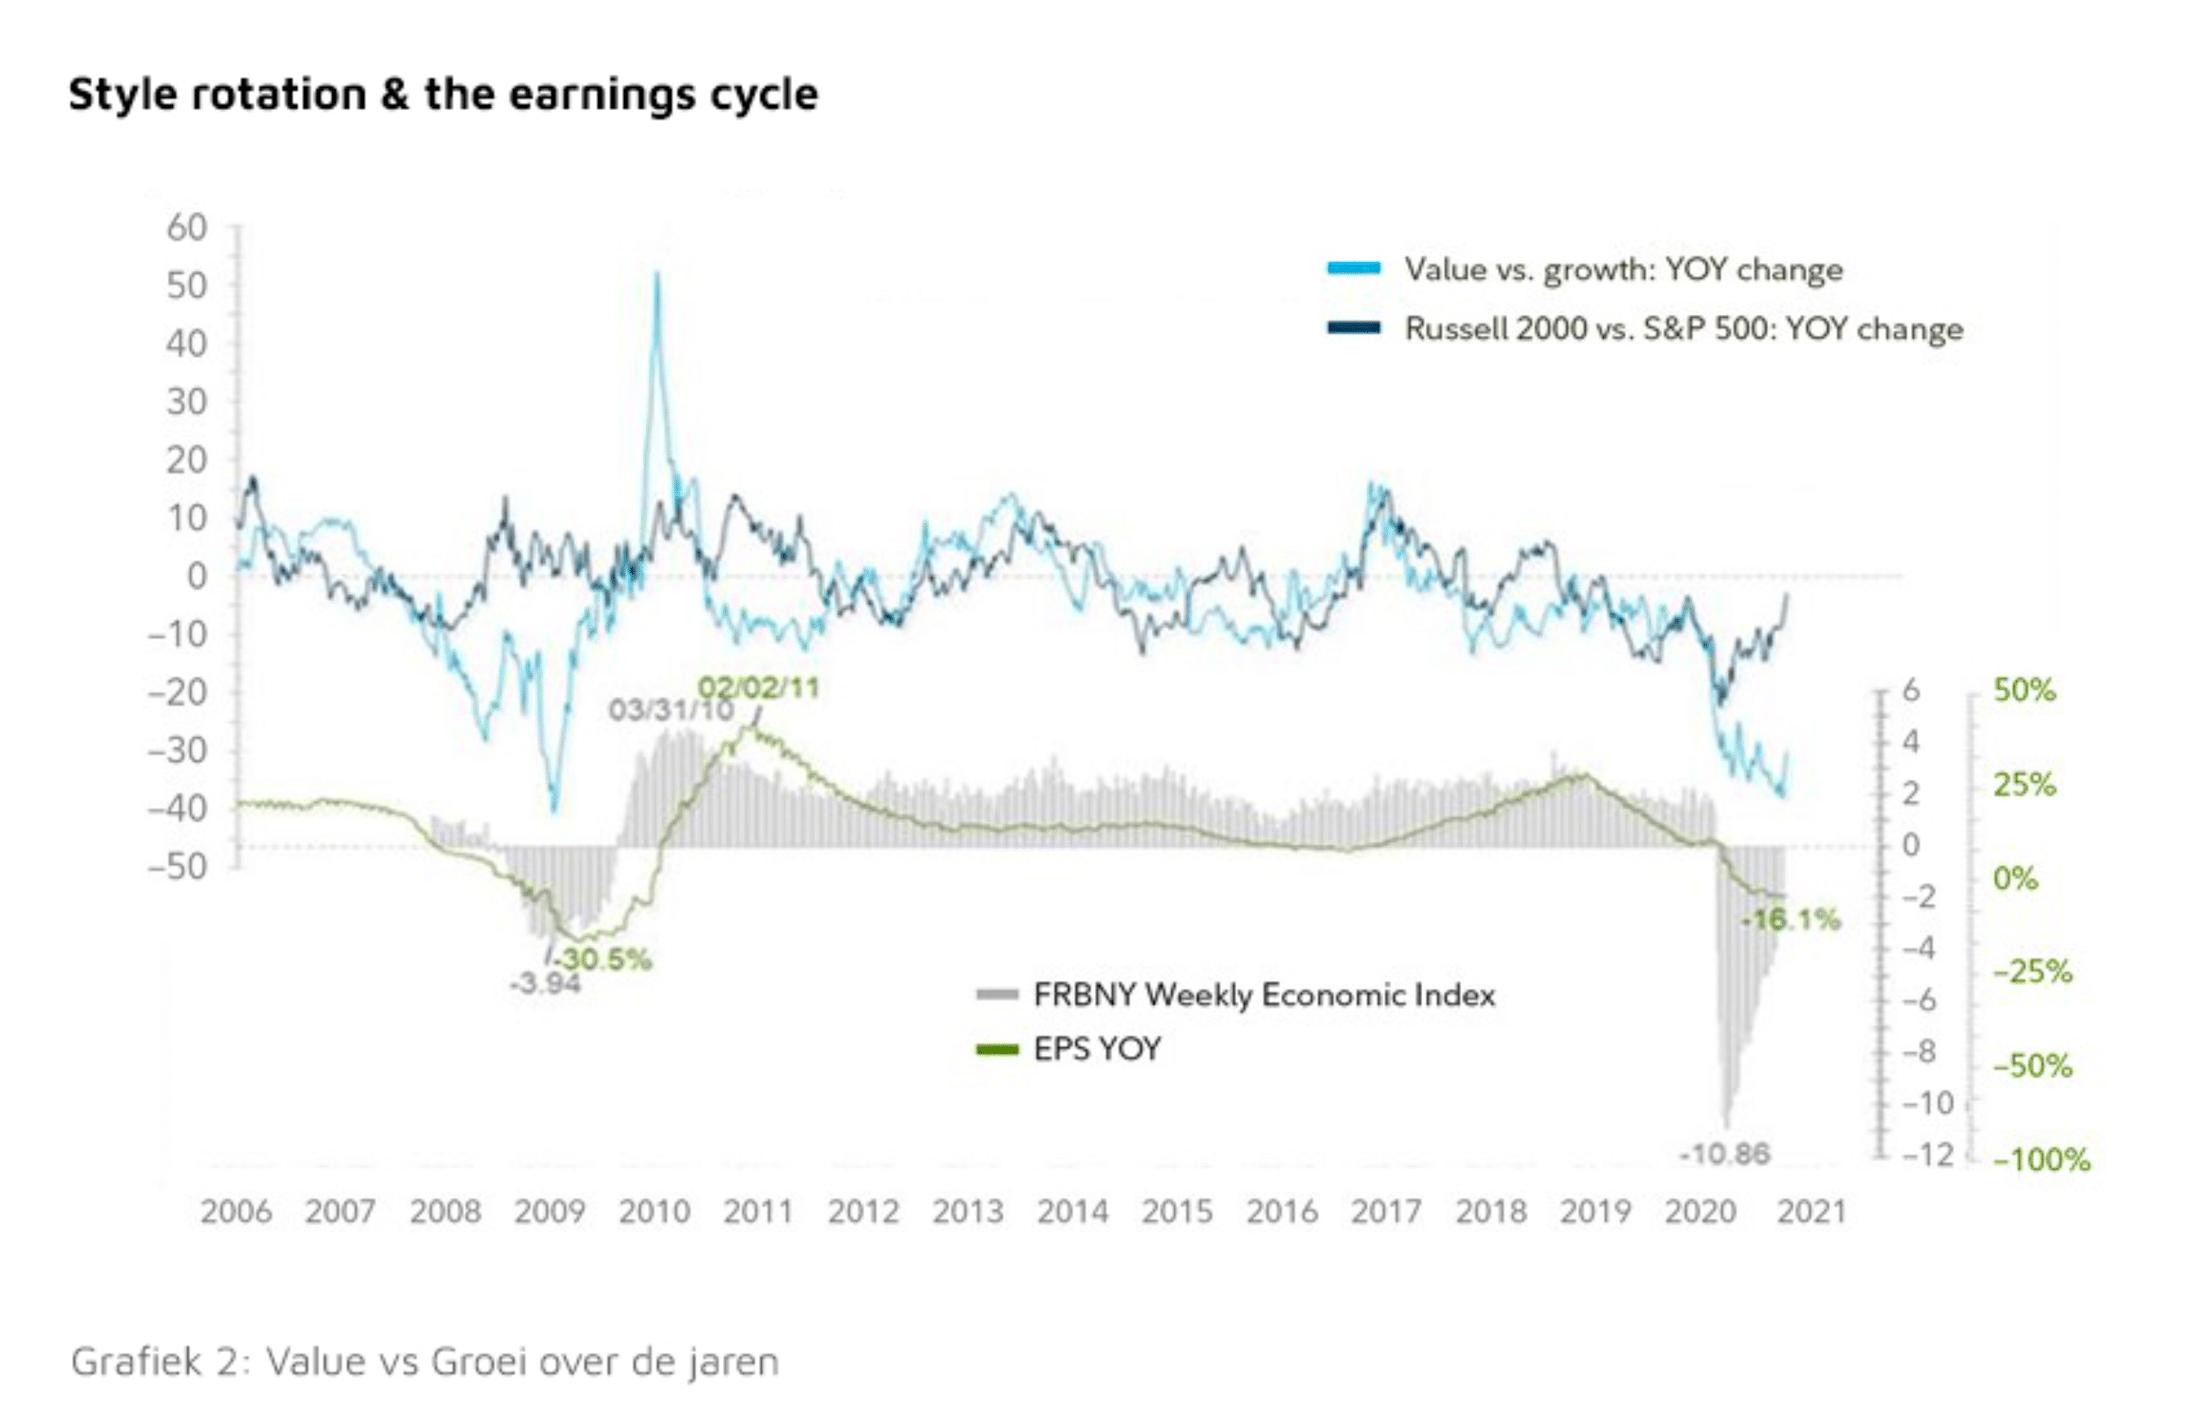 Grafiek 2: Value vs Groei over de jaren